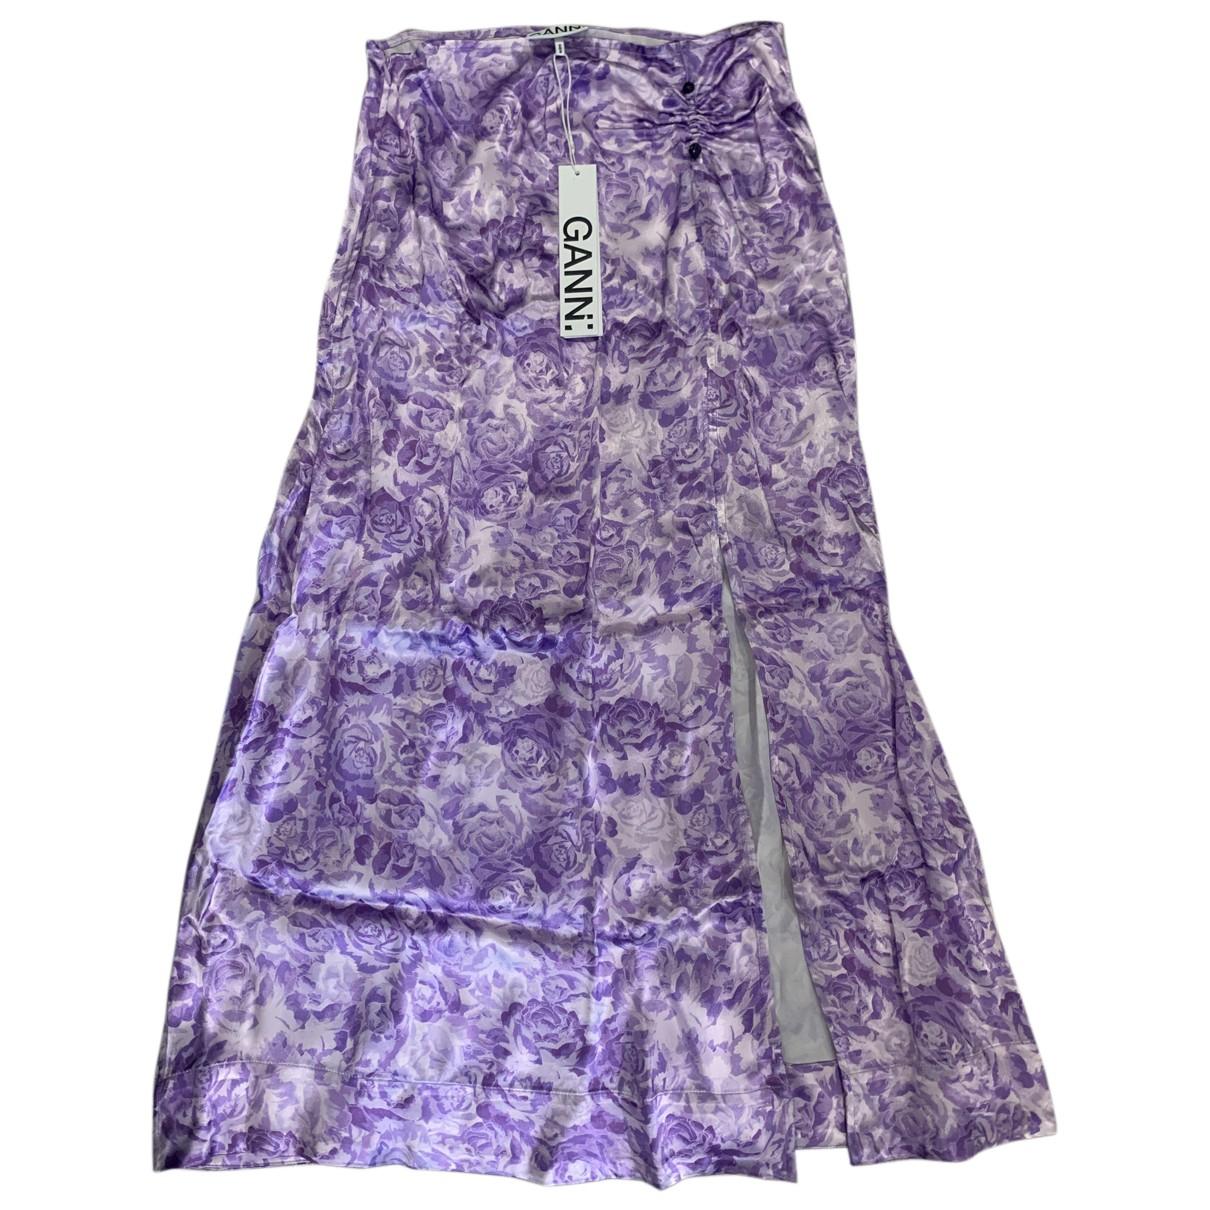 Ganni - Jupe Spring Summer 2020 pour femme - violet